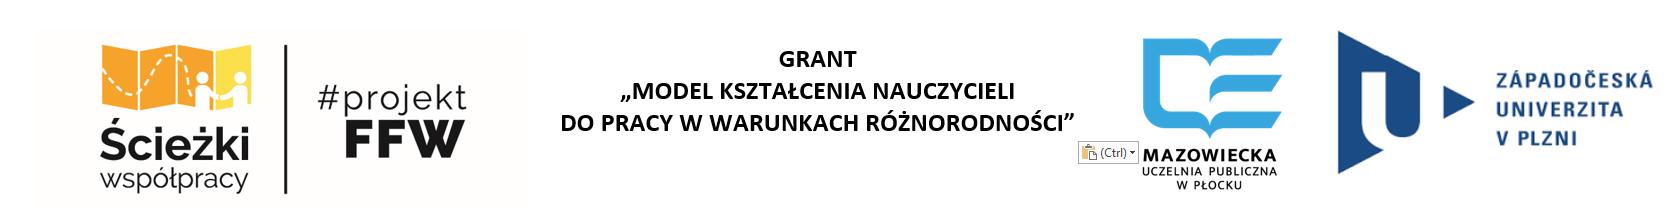 Ilustracja przedstawiająca logotypy współorganizatorów